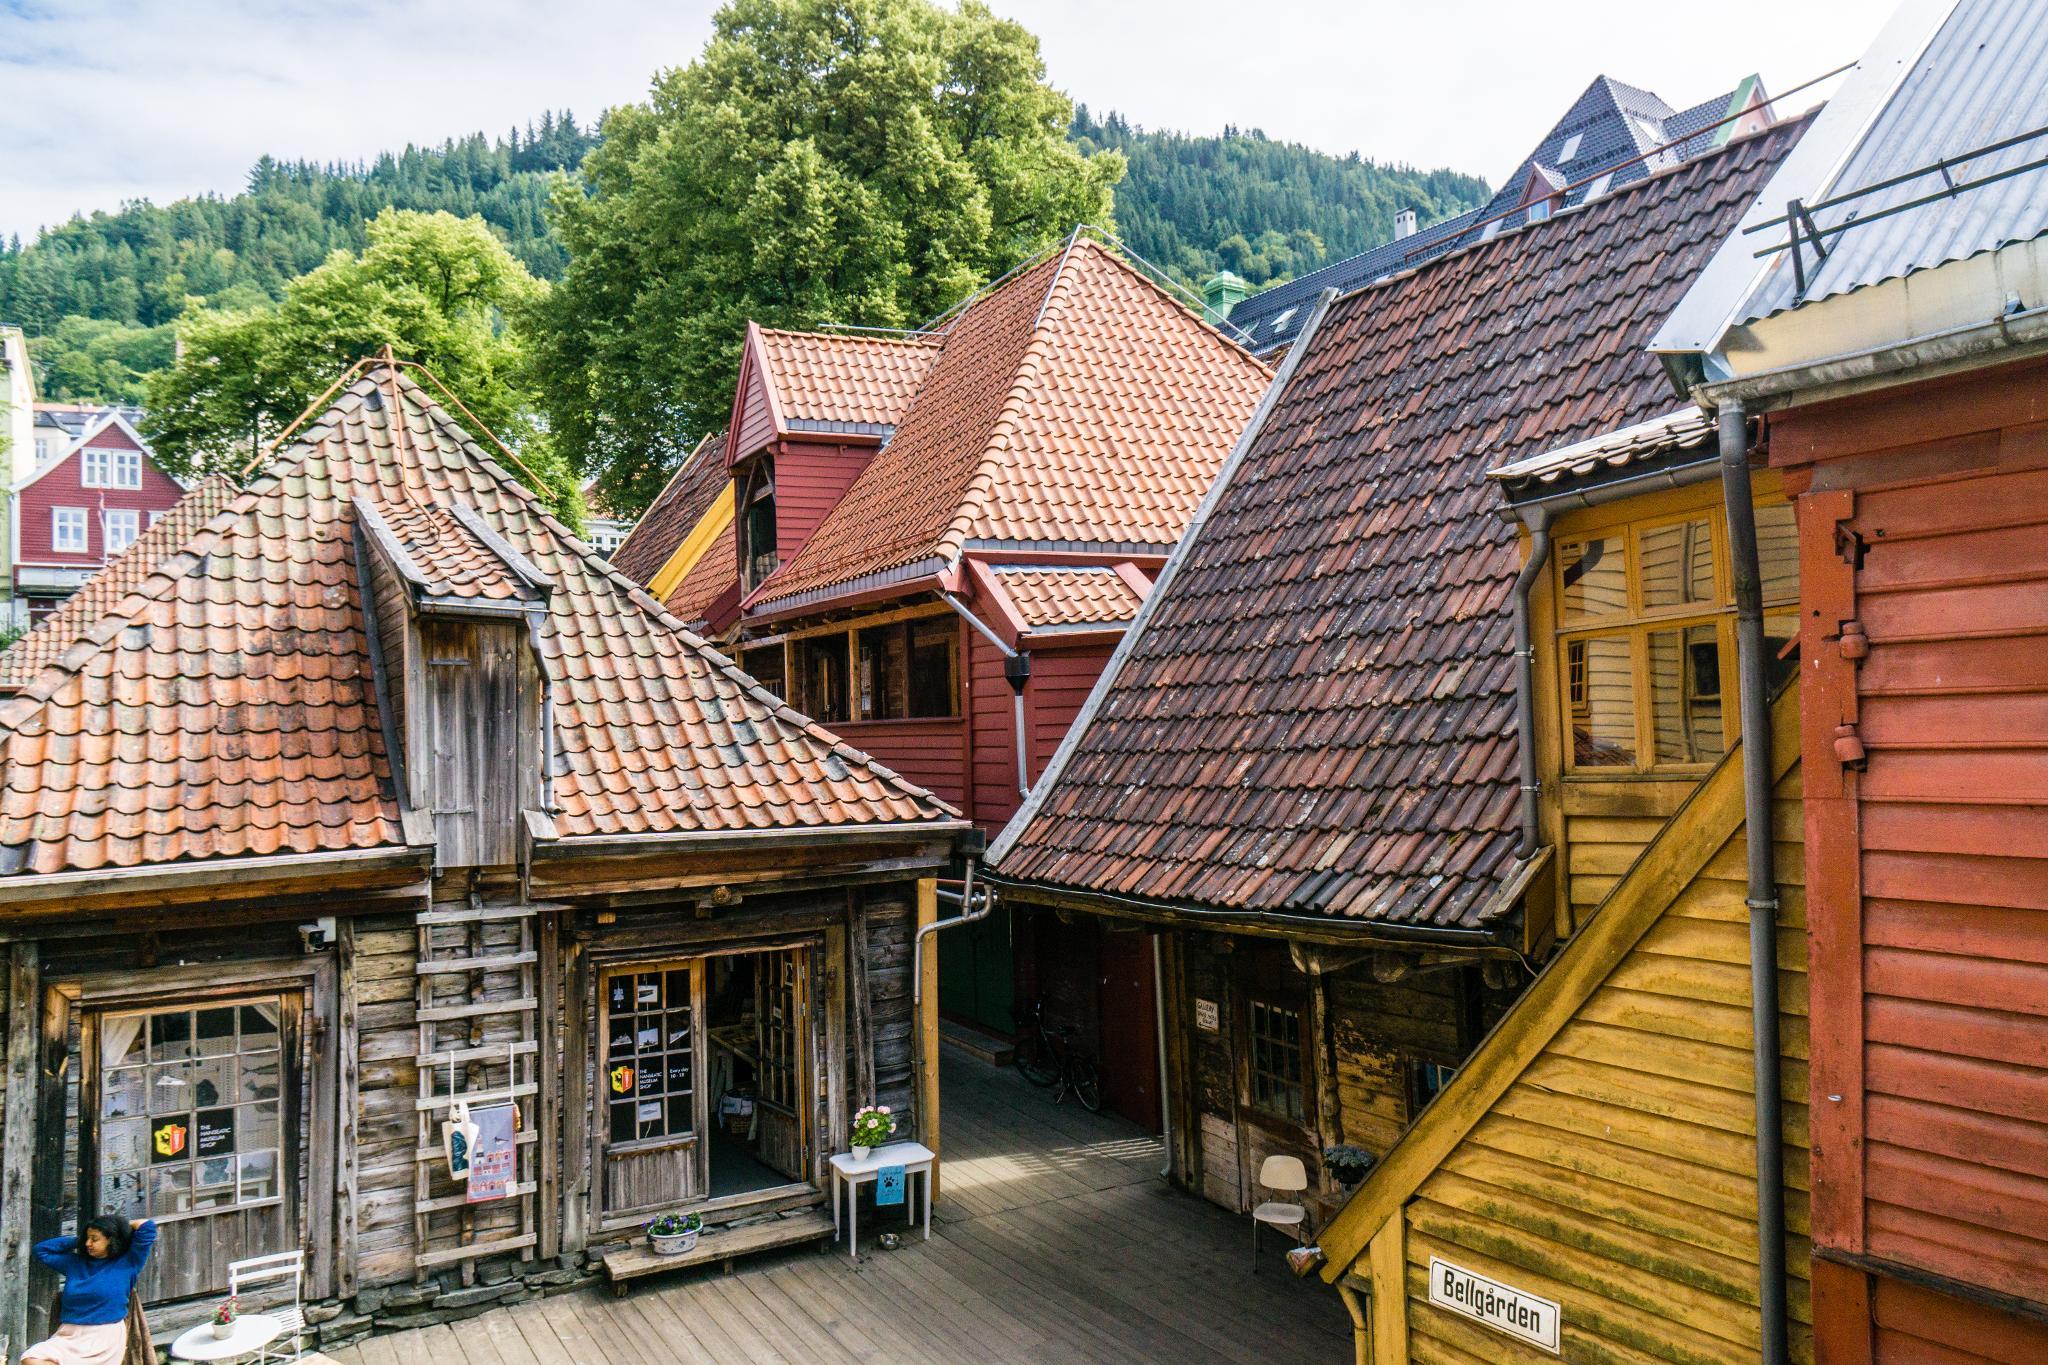 【卑爾根】Bryggen 世界遺產布呂根 — 迷失在百年歷史的挪威彩色木屋 24